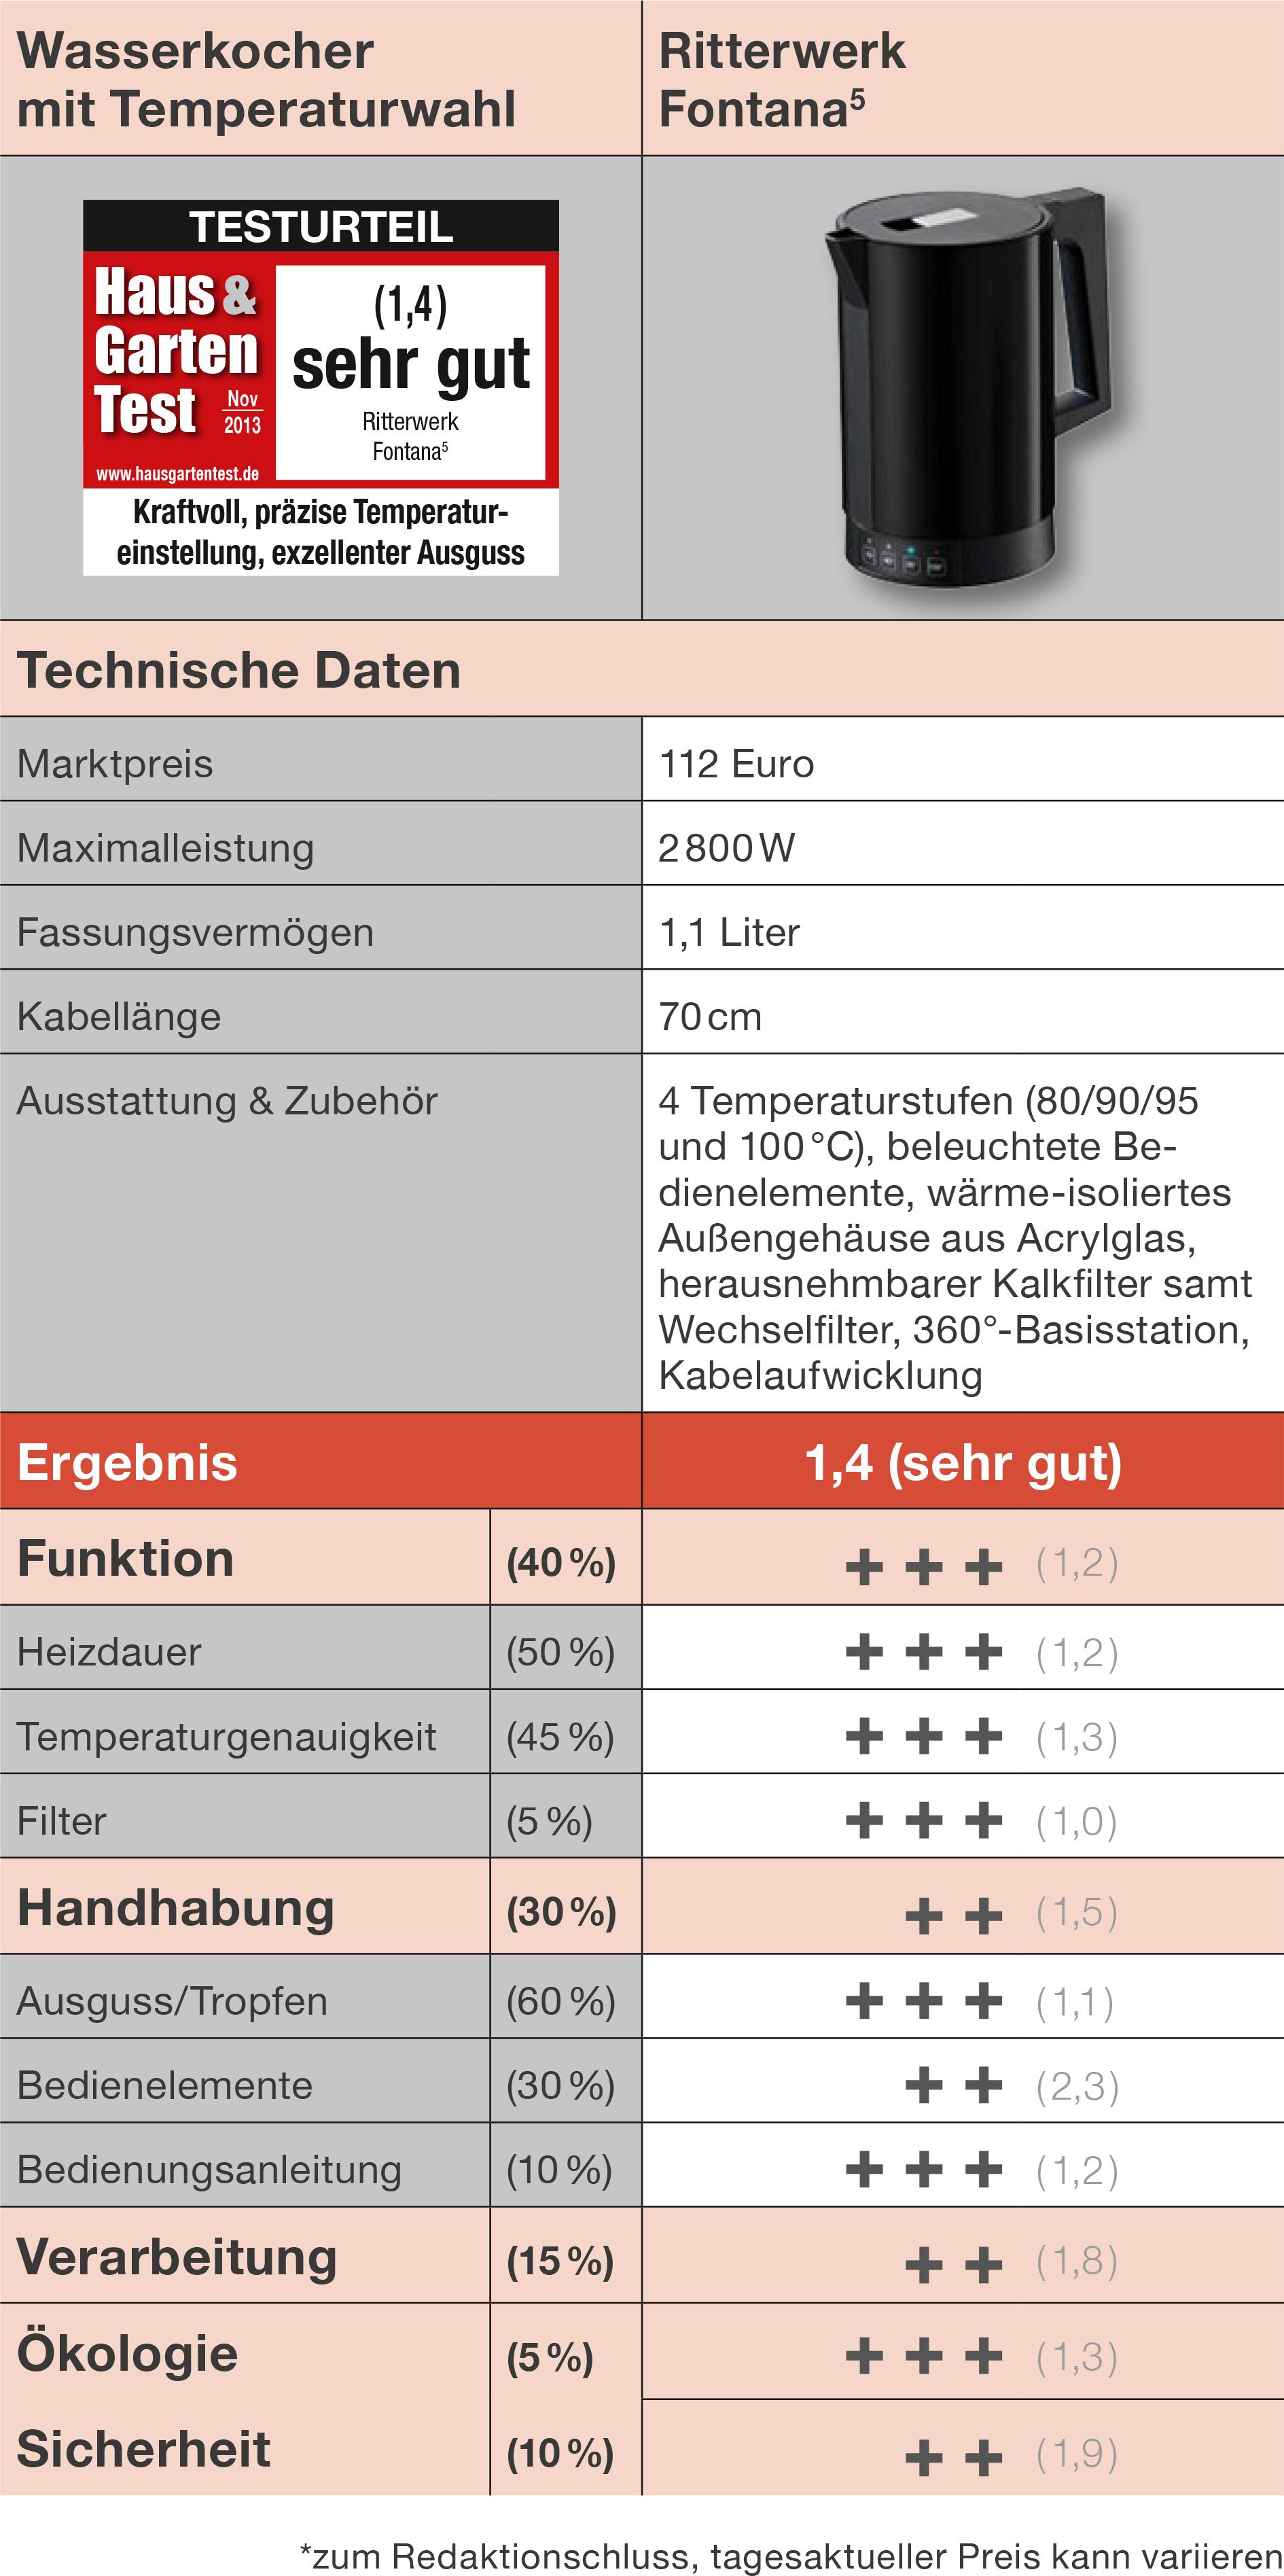 © Auerbach Verlag, Ritterwerk